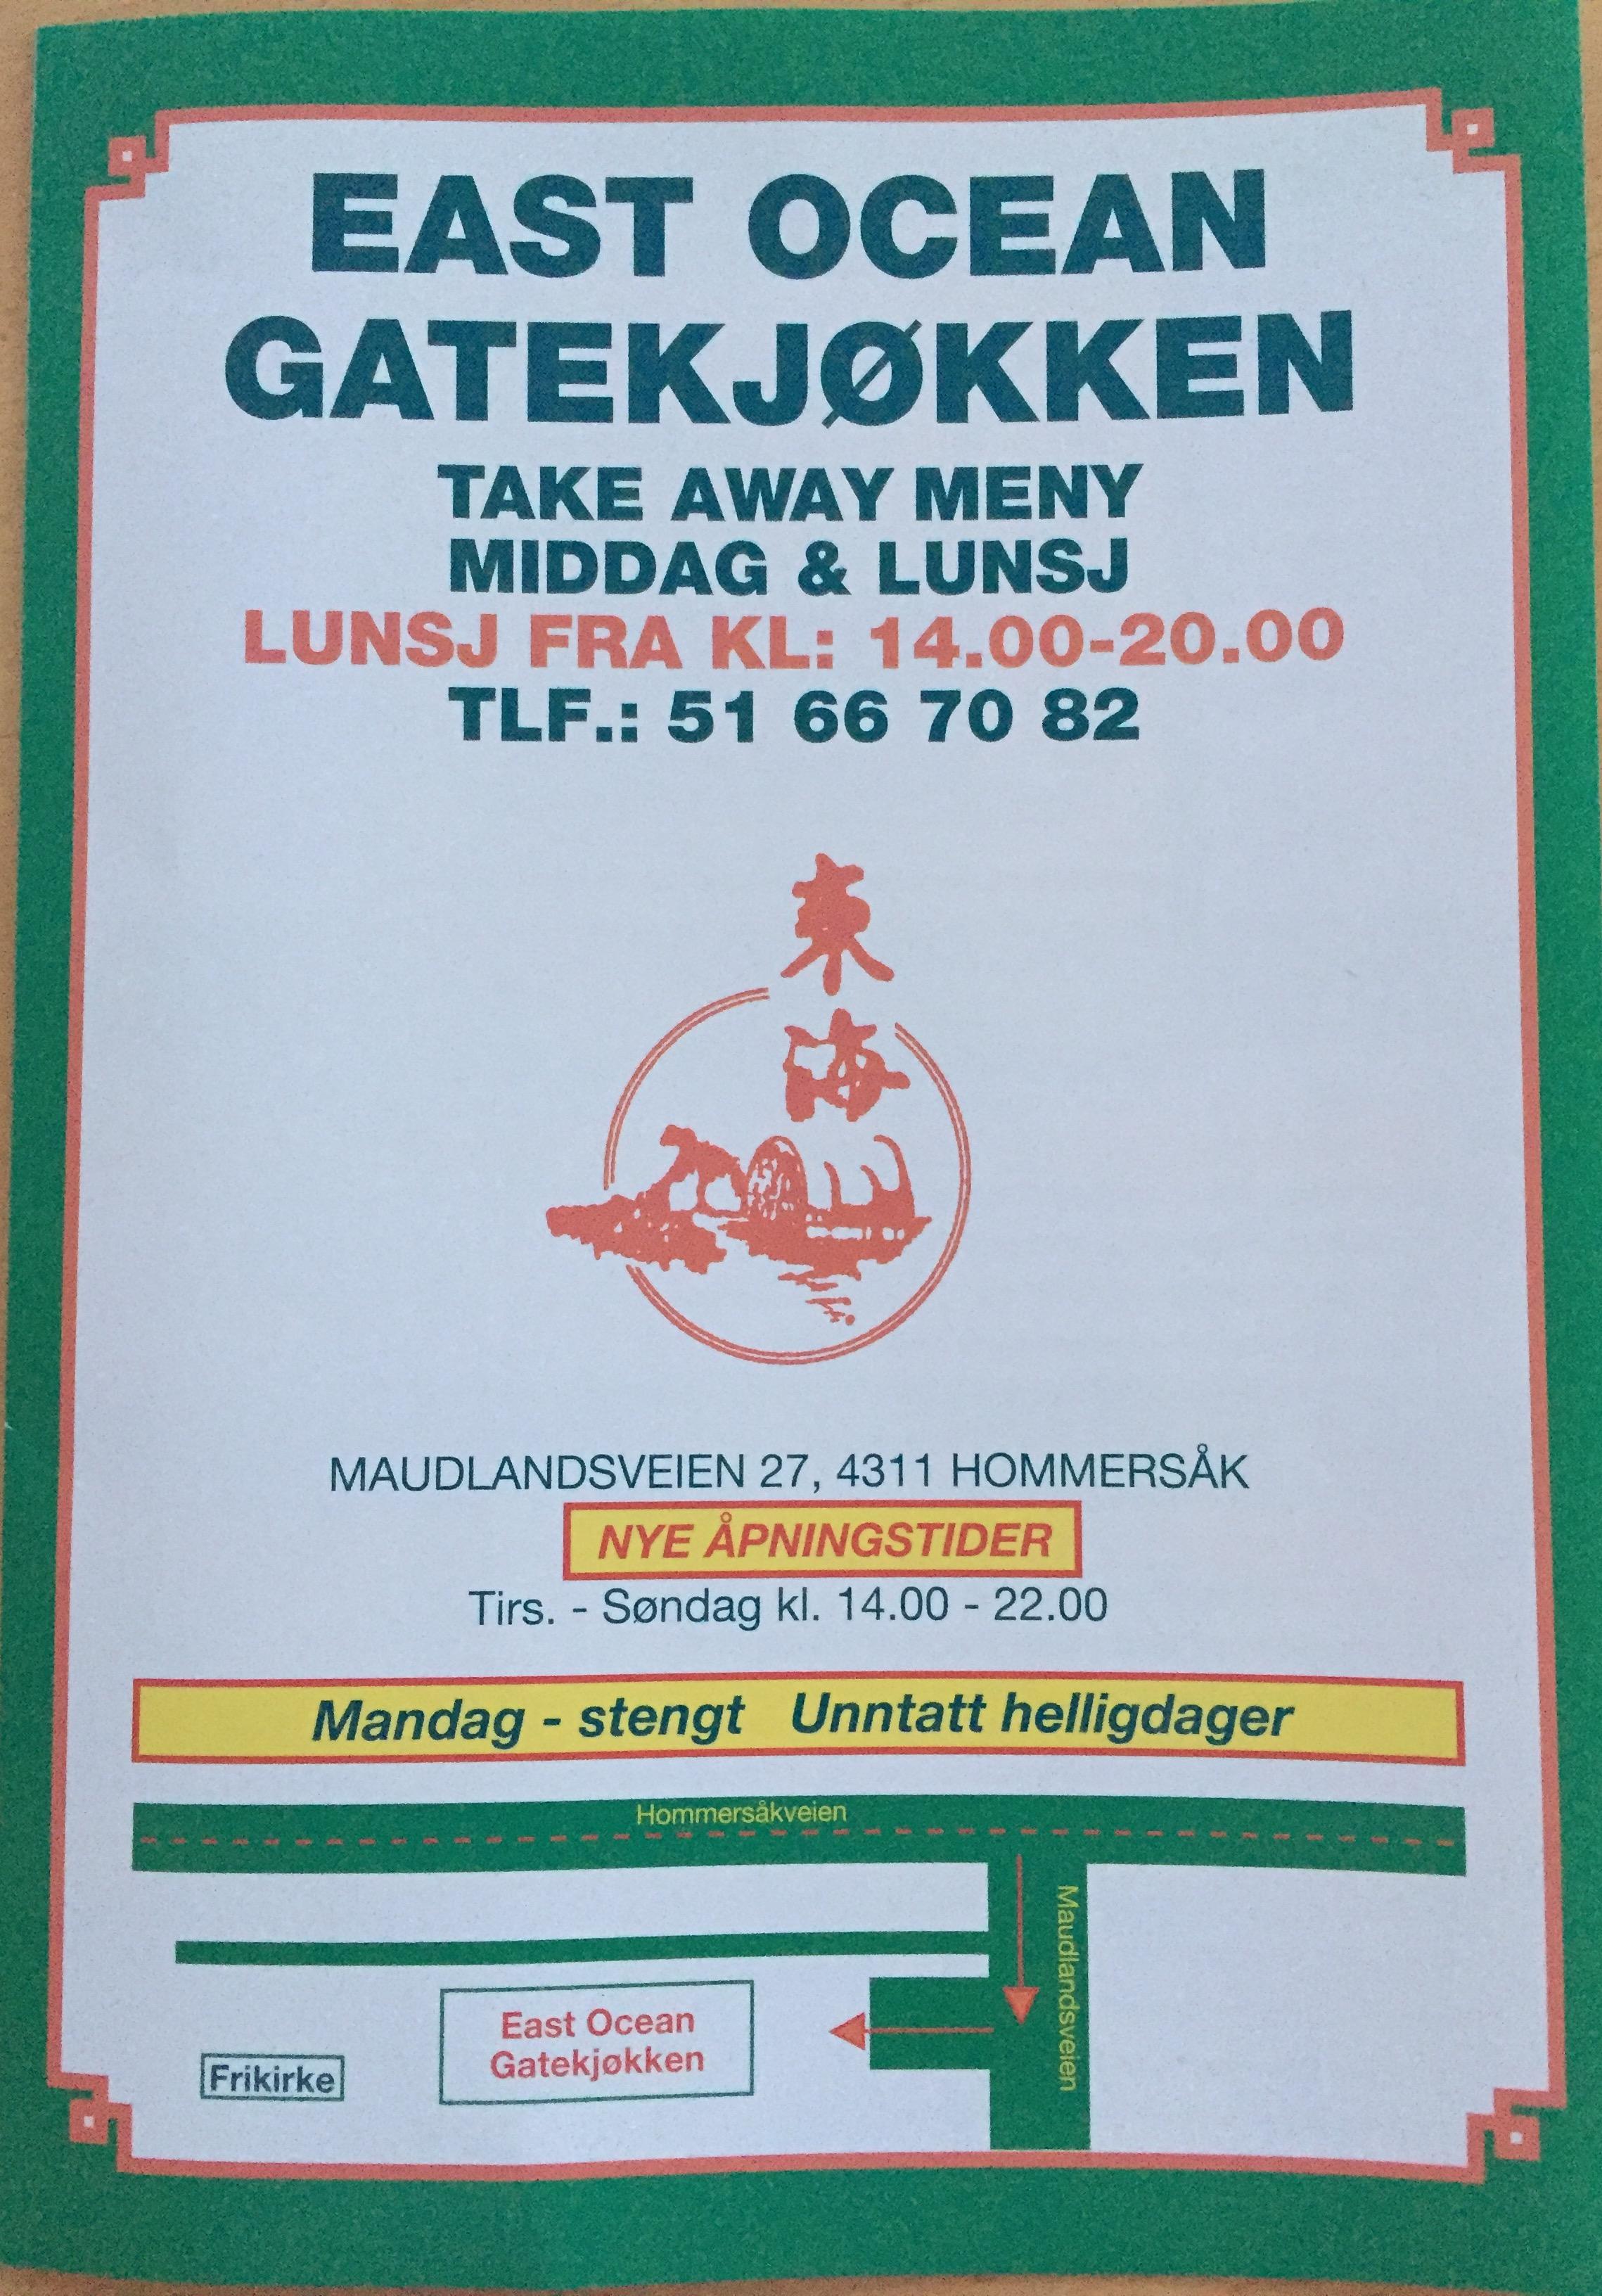 East ocean gatekjøkken meny maudlandsveien 27 4311 Hommersåk 51667082